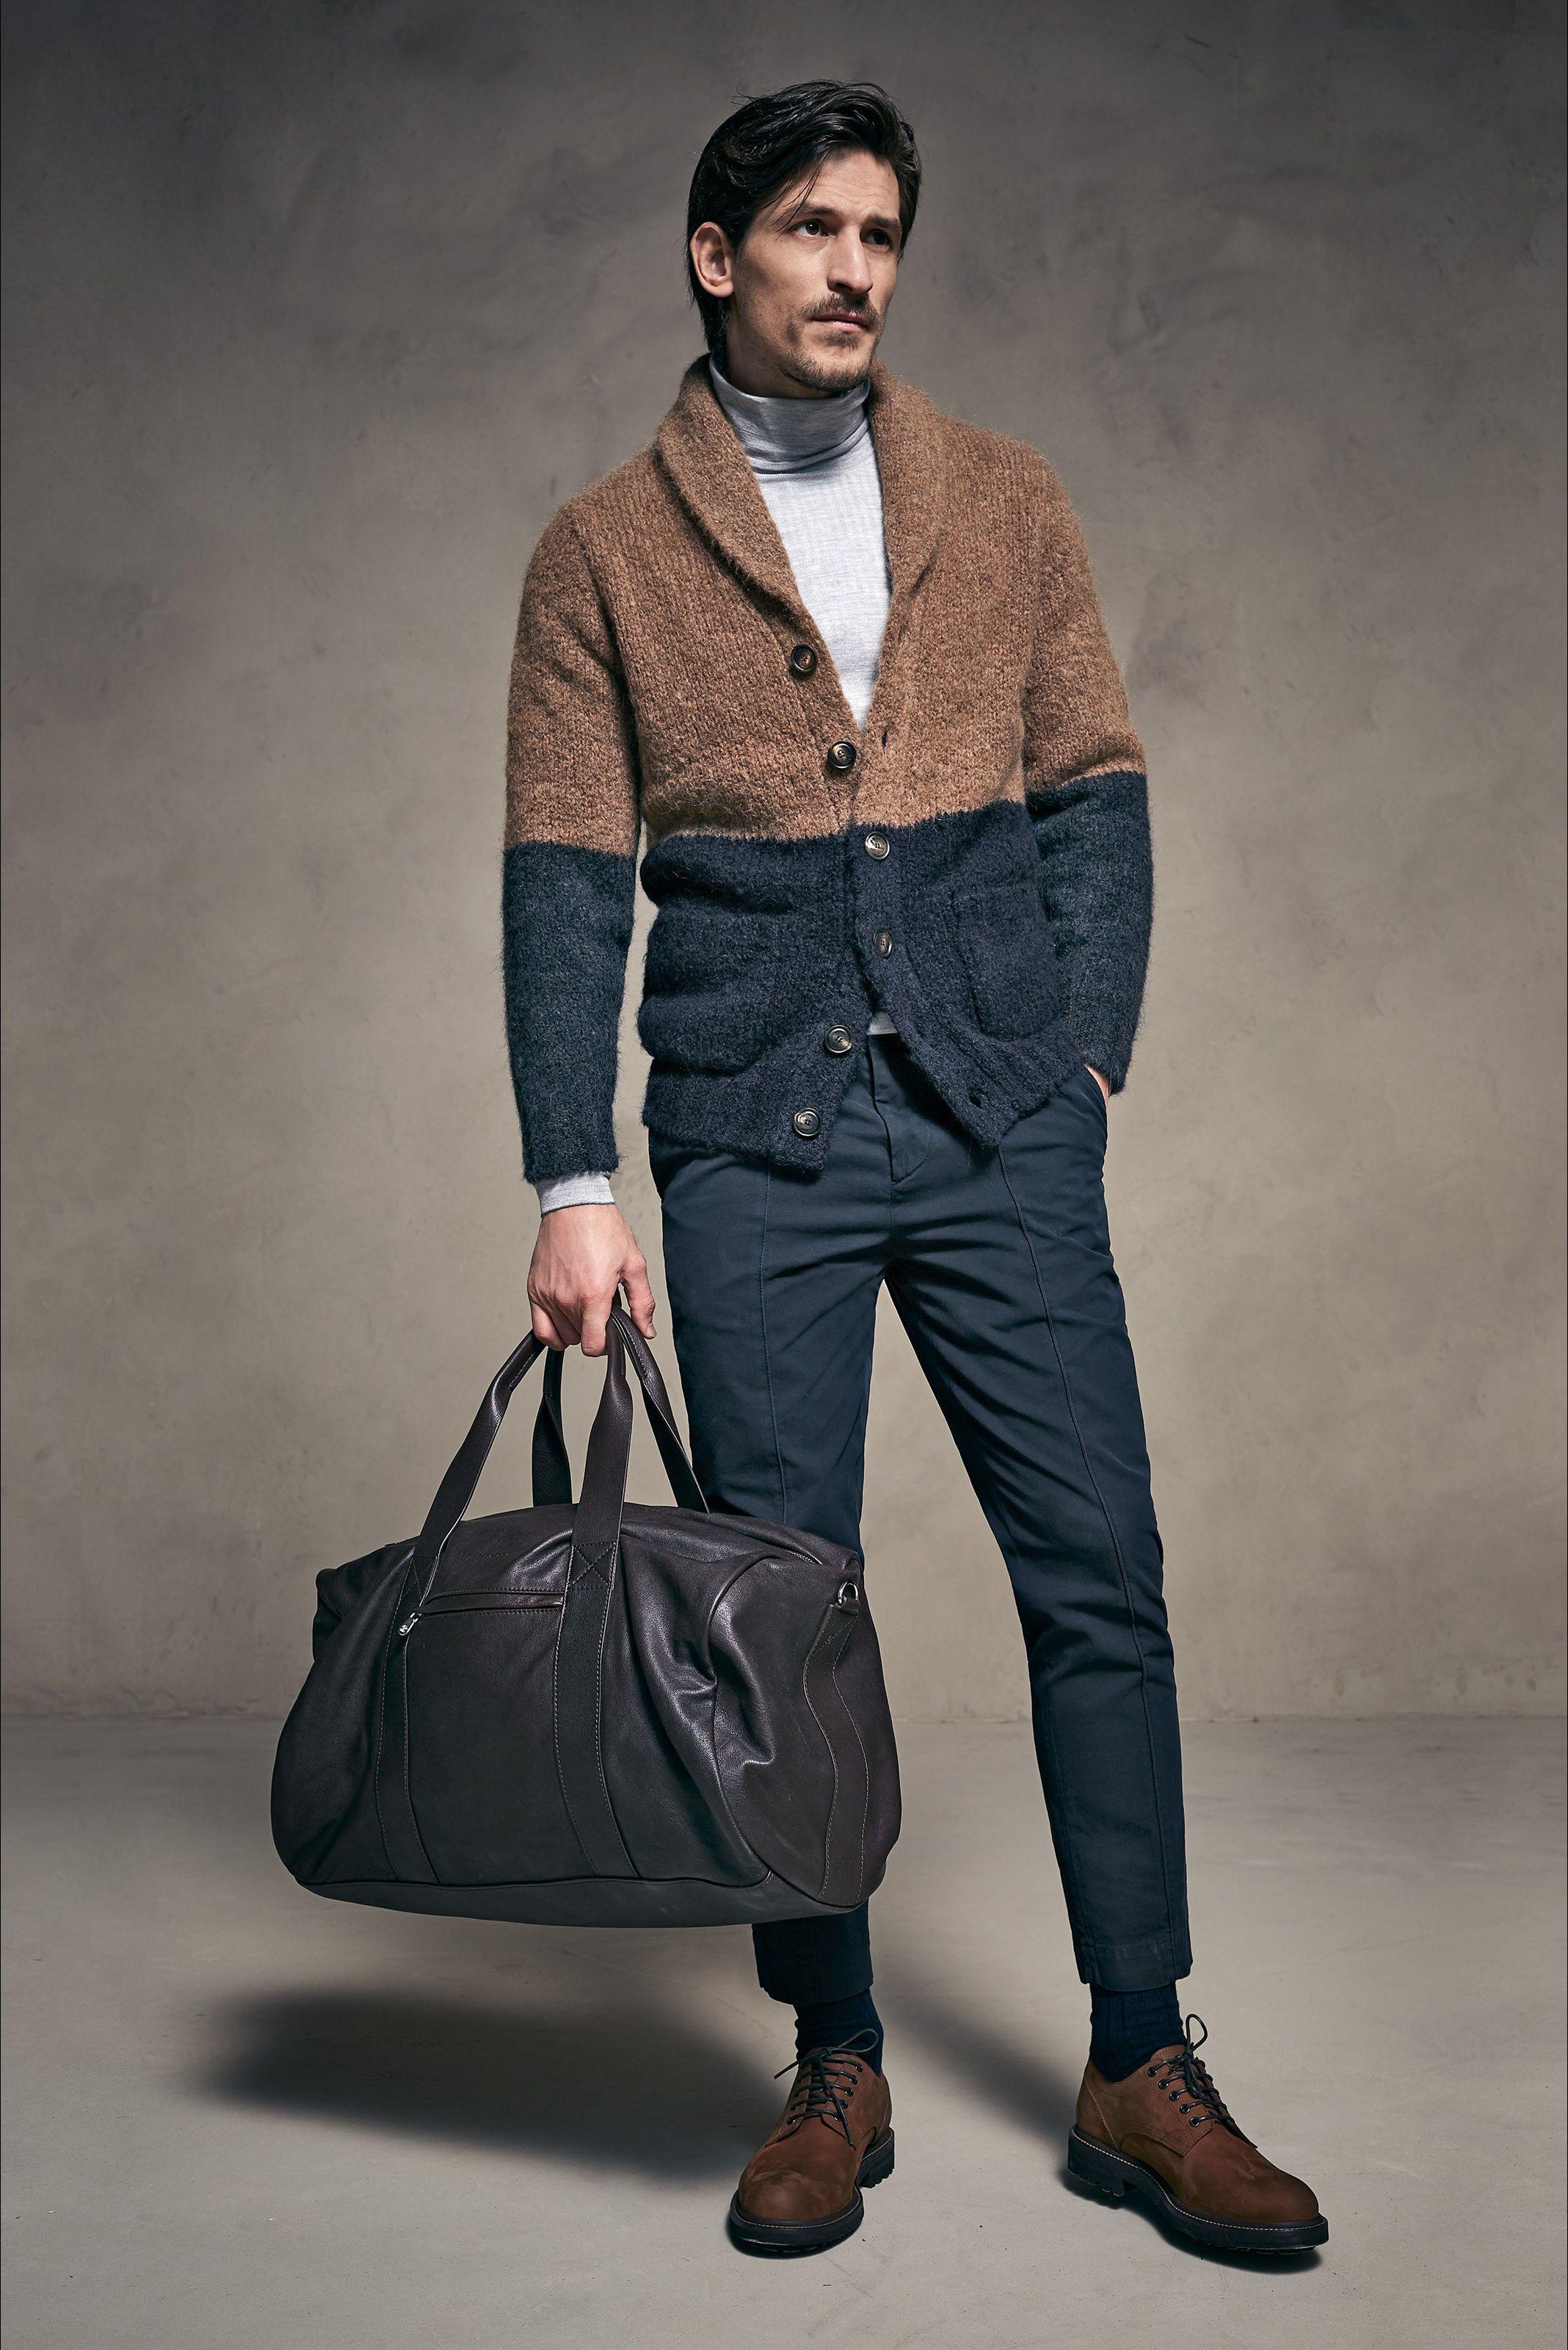 Sfilata Moda Uomo Brunello Cucinelli Milano , Autunno Inverno 2018,19 ,  Vogue